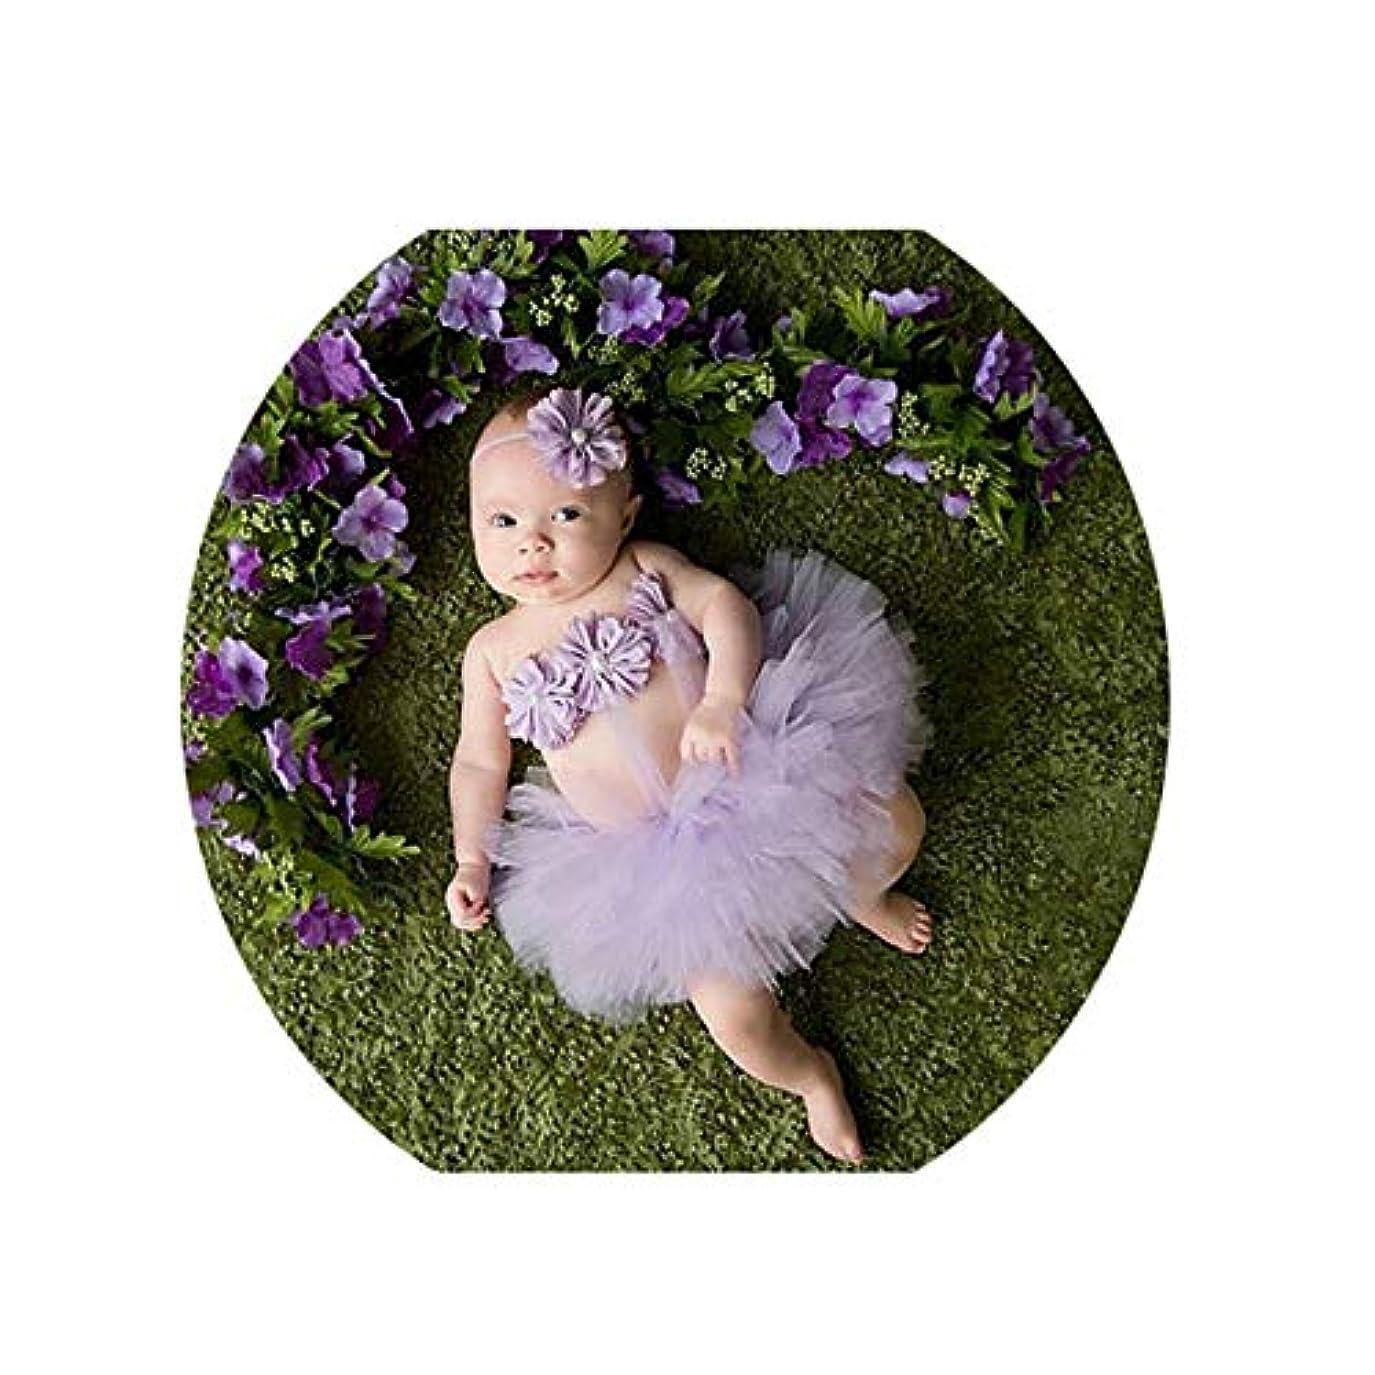 メンテナンスインク脆い写真を撮る道具 寝相アート ベビー 着 赤ちゃんの写真プロップ幼児チュチュスカート新生児衣装弓結び目ドレス衣装でヘッドバンド 出産祝い バースデー 記念撮影 プレゼント (色 : 紫の, サイズ : S)